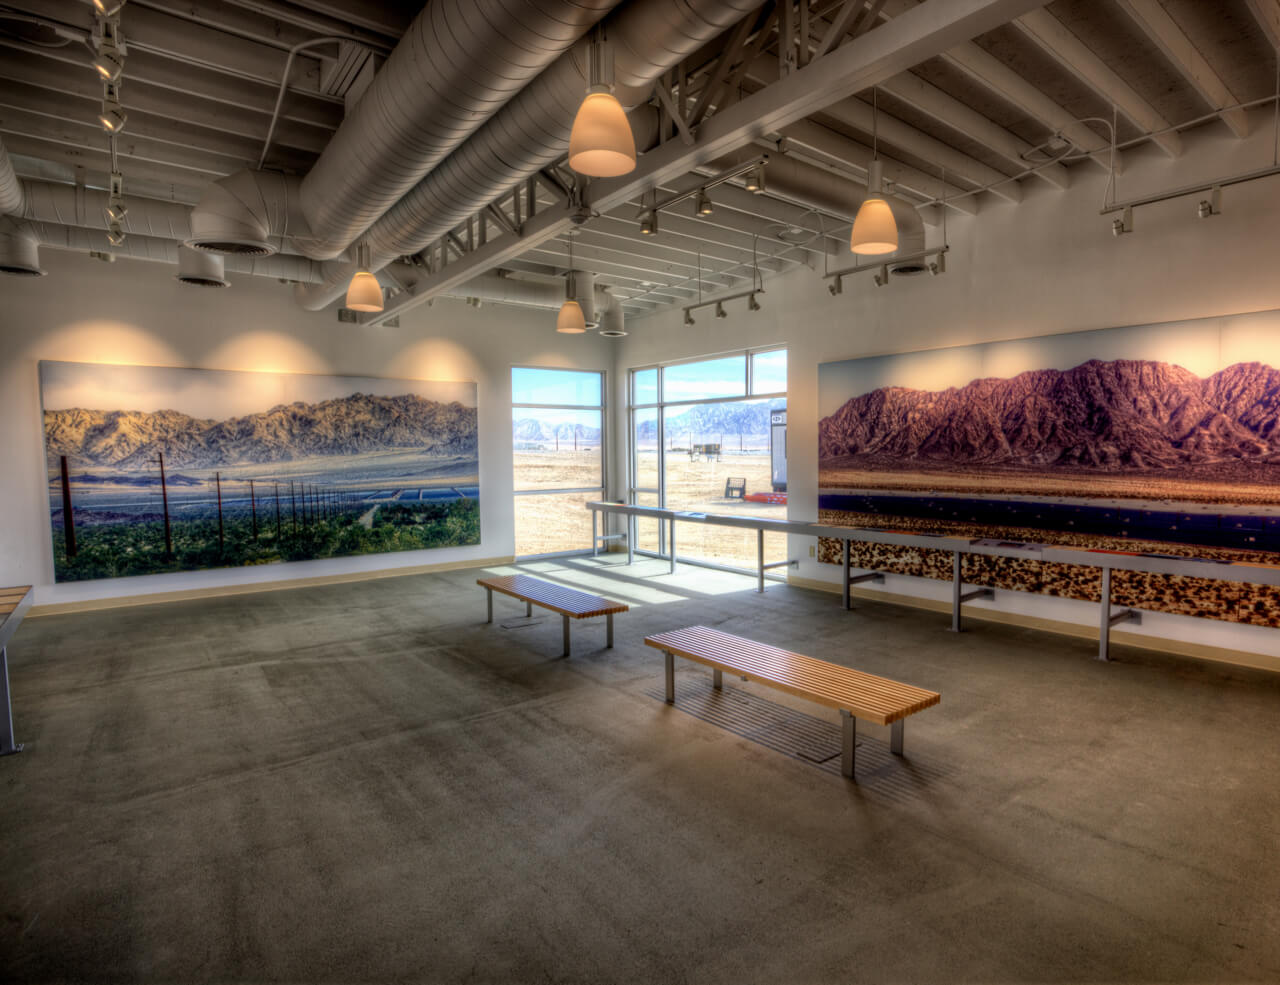 5-Desert-Sunlight-Visitor-Center-The Sibbett Group-Galllery2-Drew Metzger.jpg